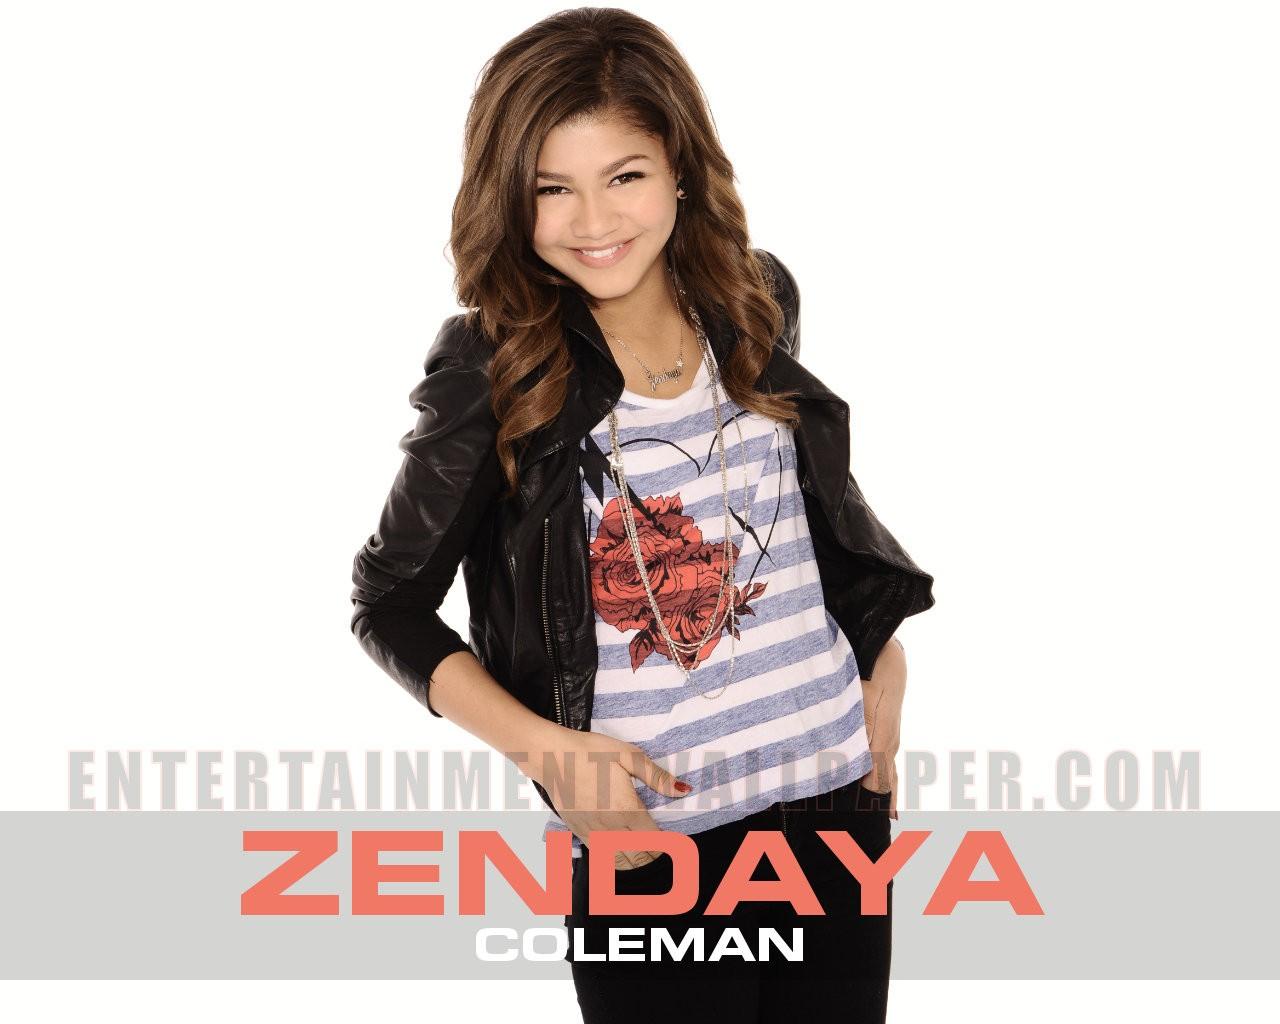 Zendaya coleman wallpaper 60030149 1280x1024 desktop download